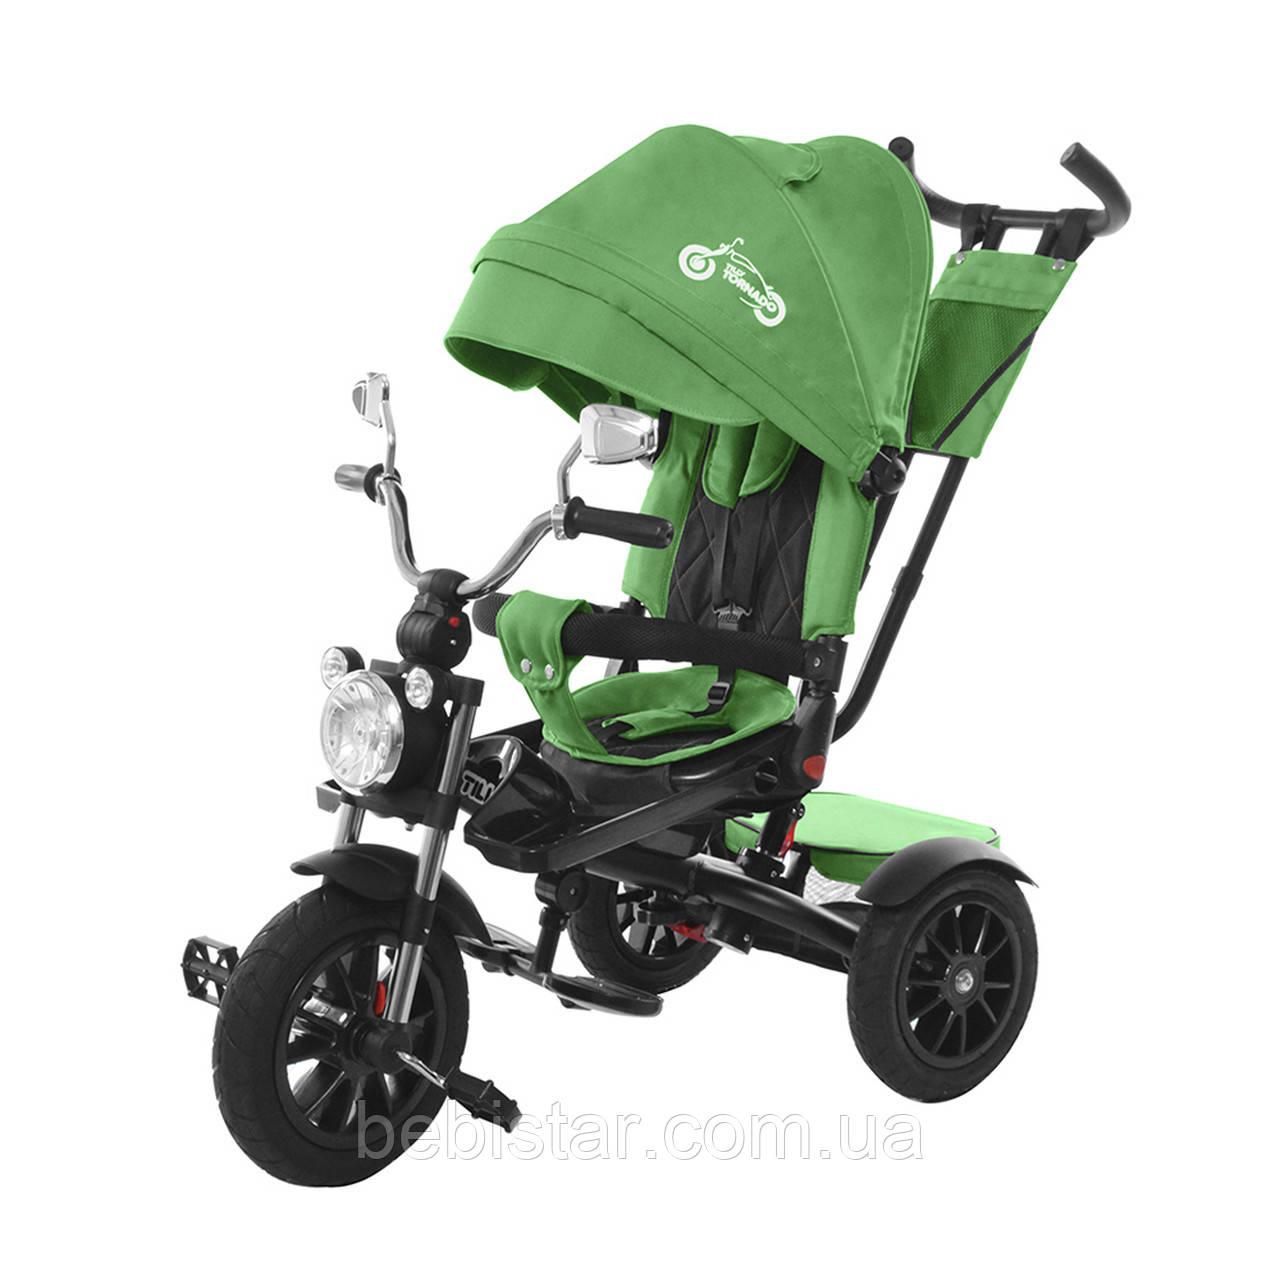 Триколісний велосипед TILLY TORNADO зелений надувні колеса підкрильники поворотне сидіння музика і світло